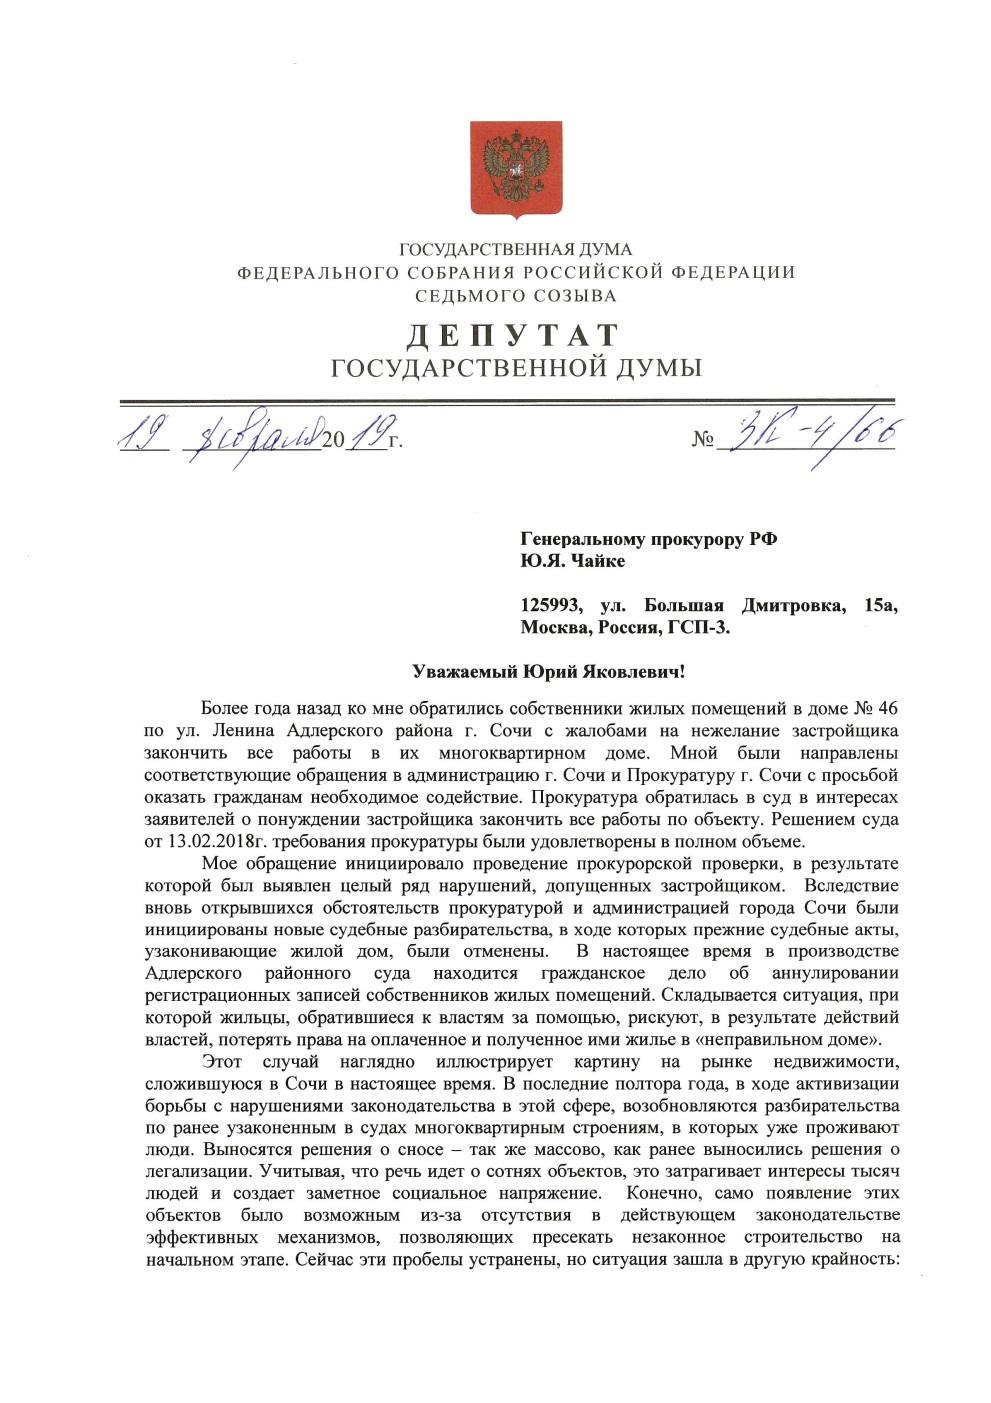 pismo-genprokuroru1